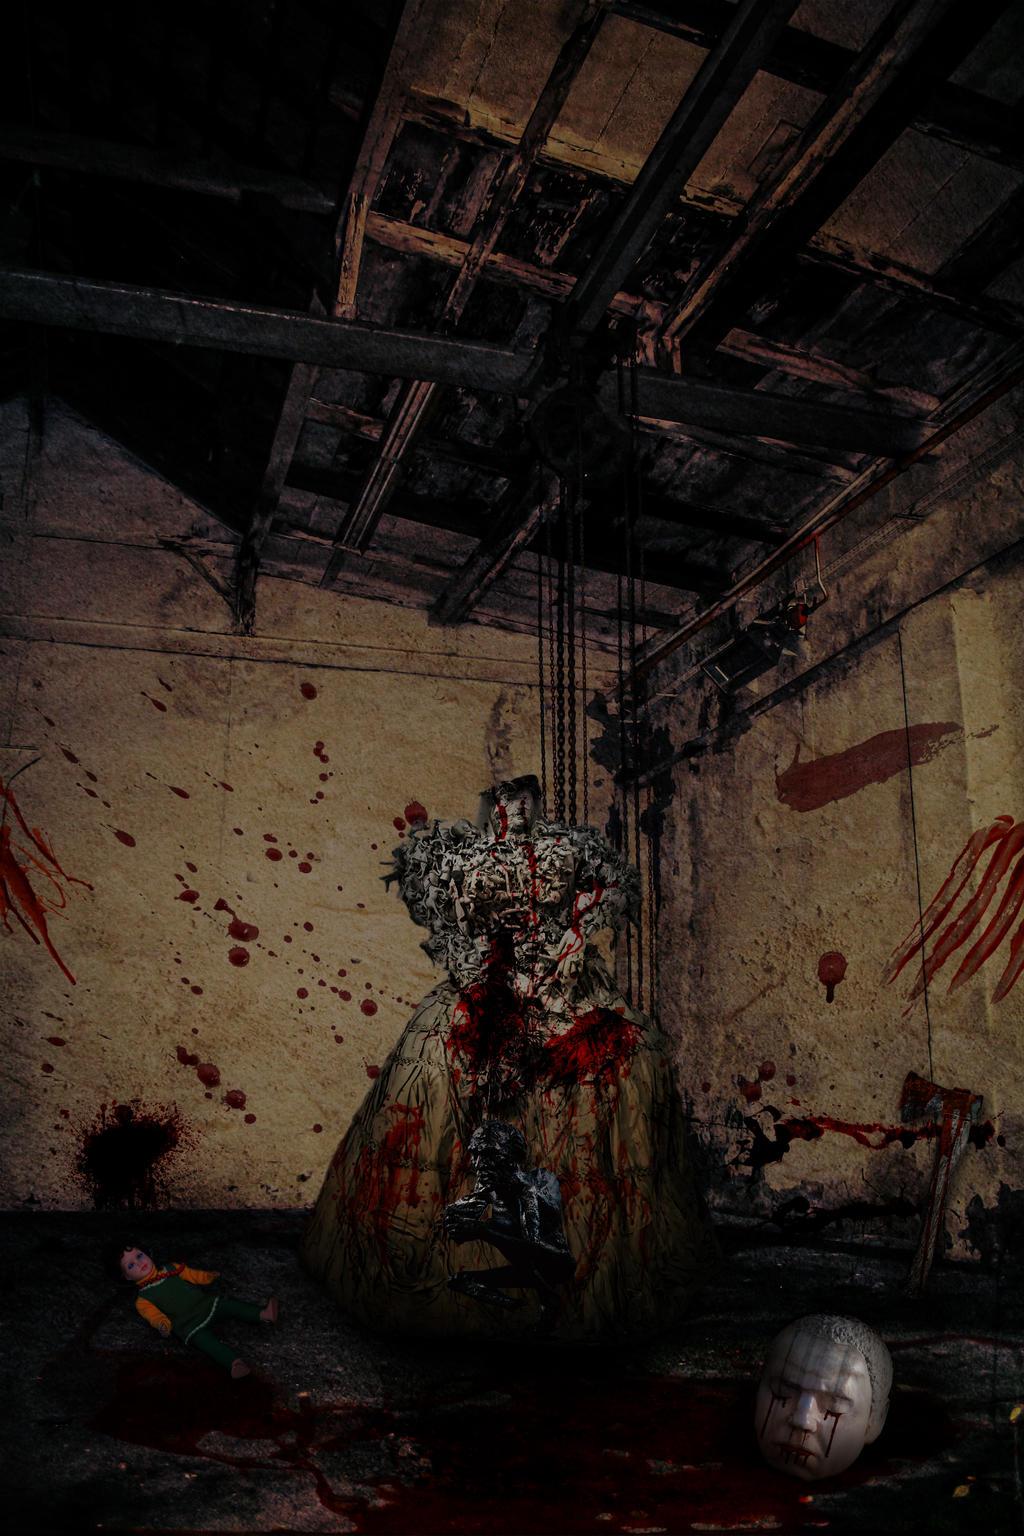 Eerie Scene.